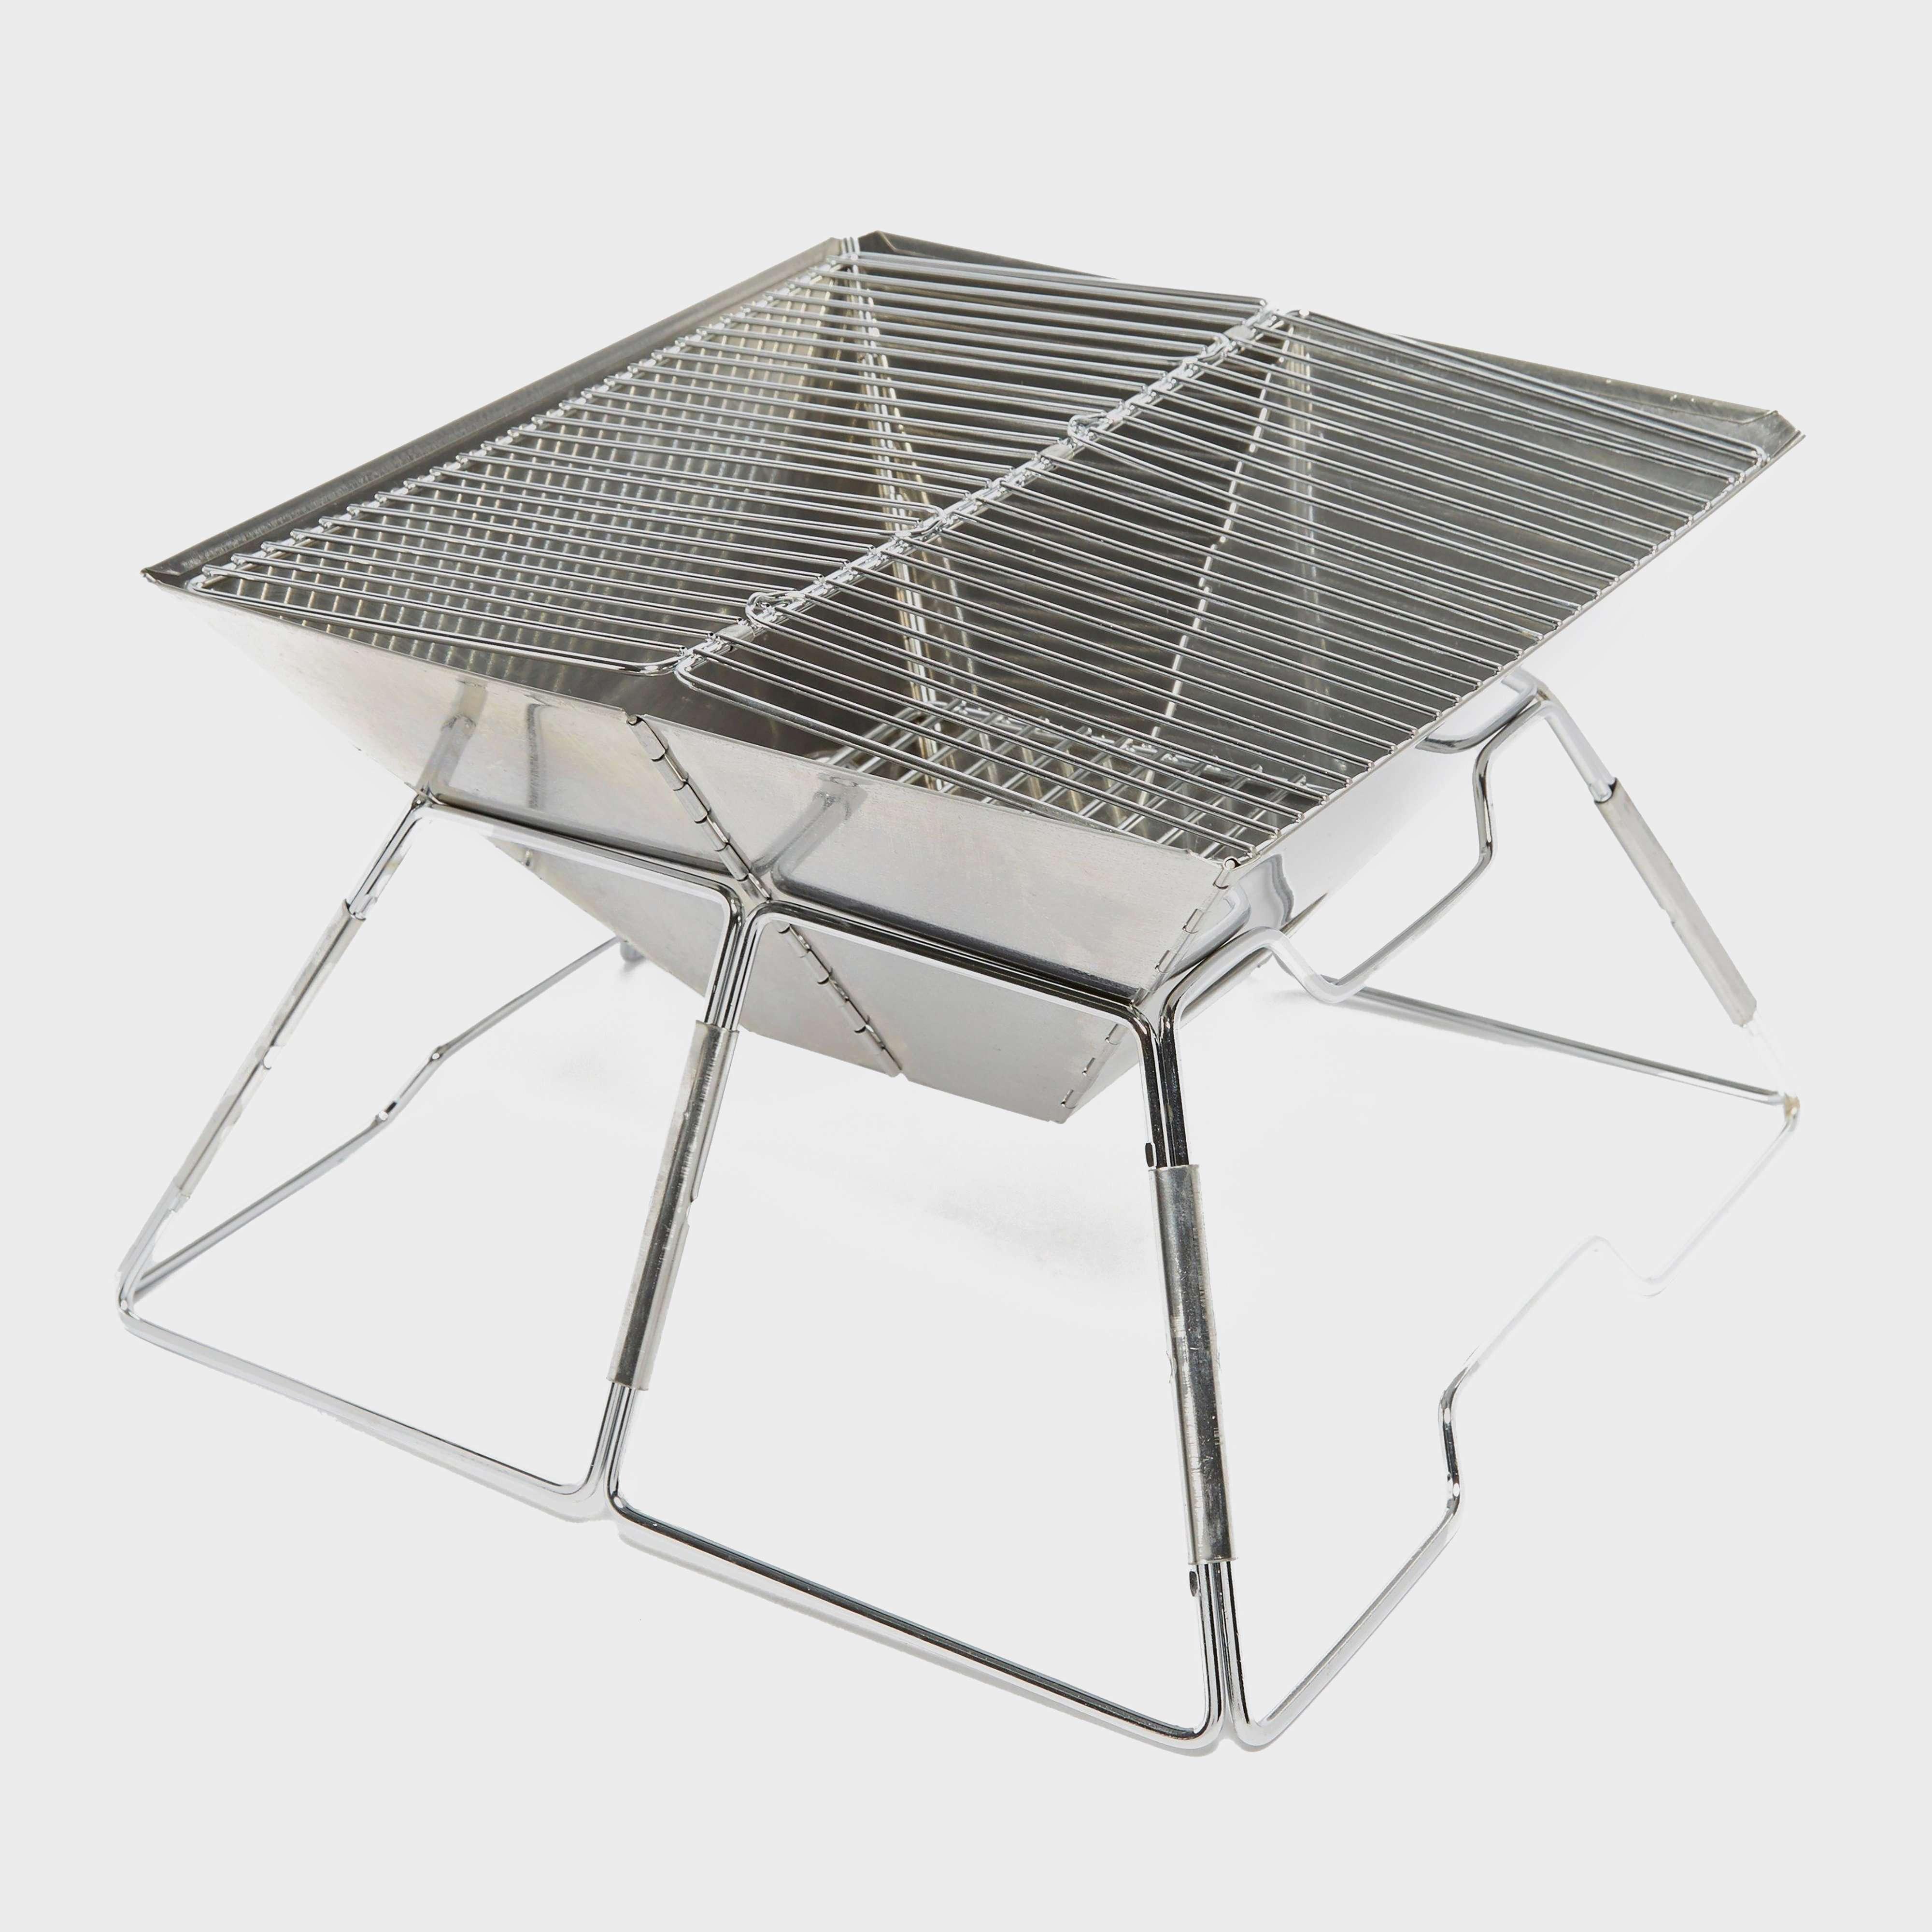 EUROHIKE Foldable BBQ